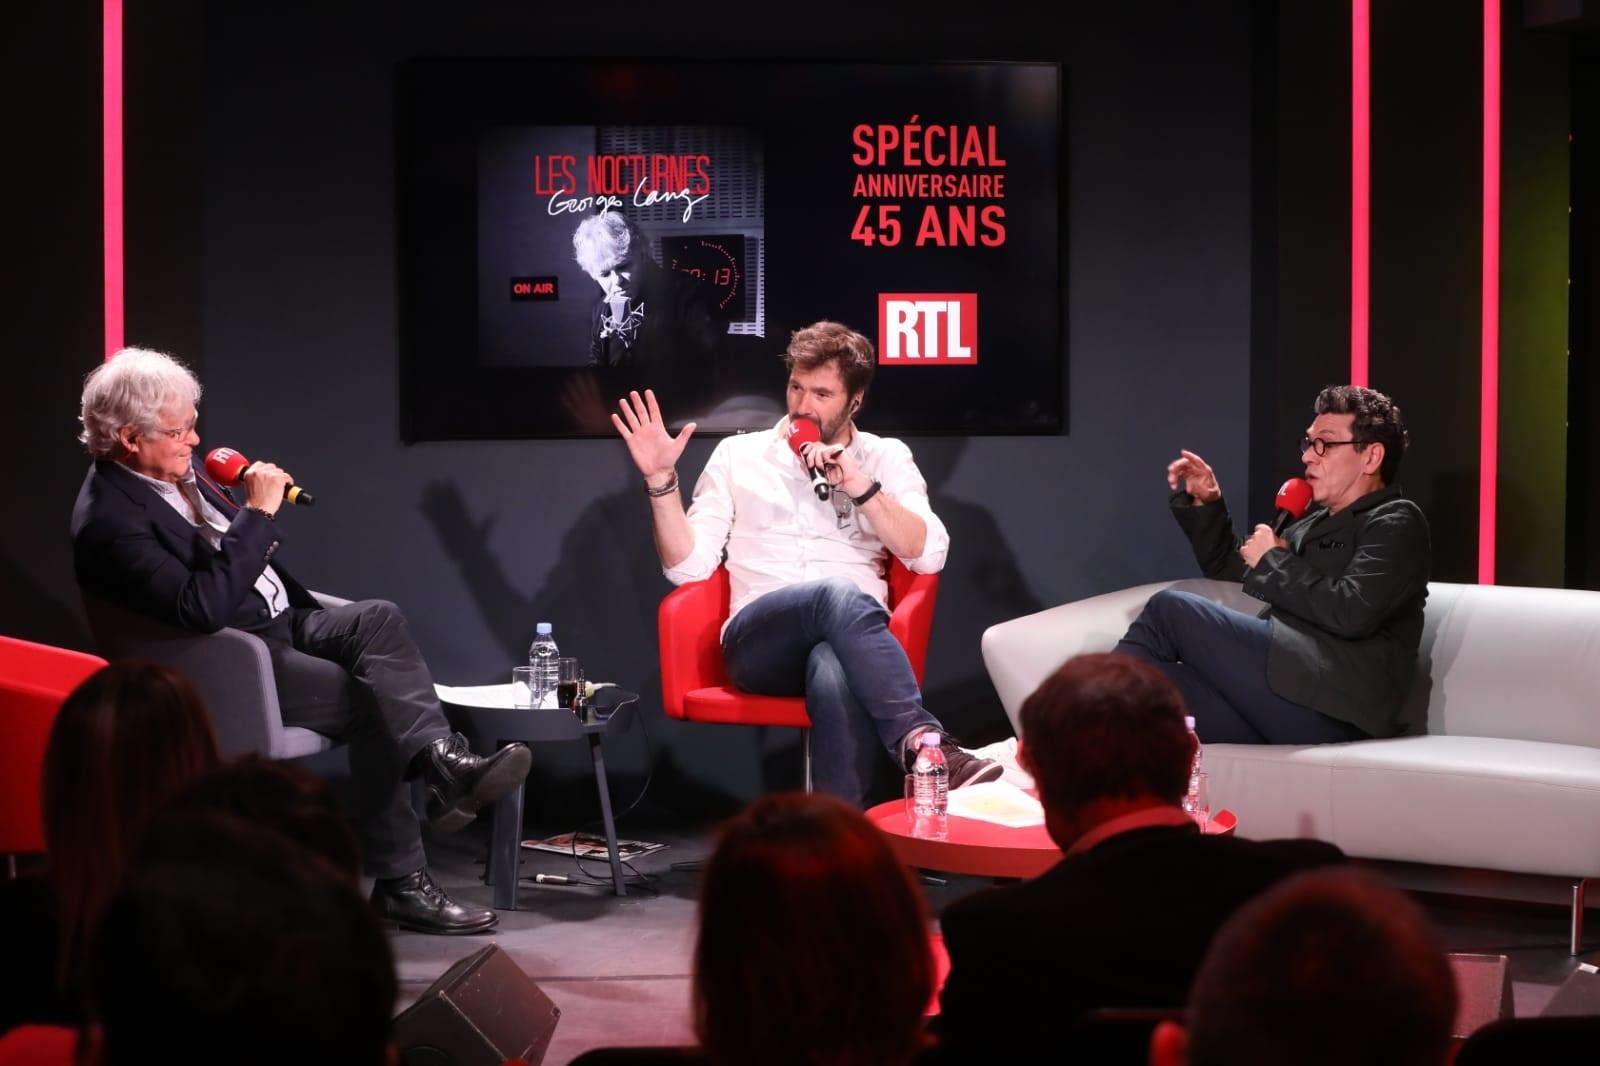 Georges Lang, Eric Jean Jean et Marc Lavoine lors des 45 ans des Nocturnes